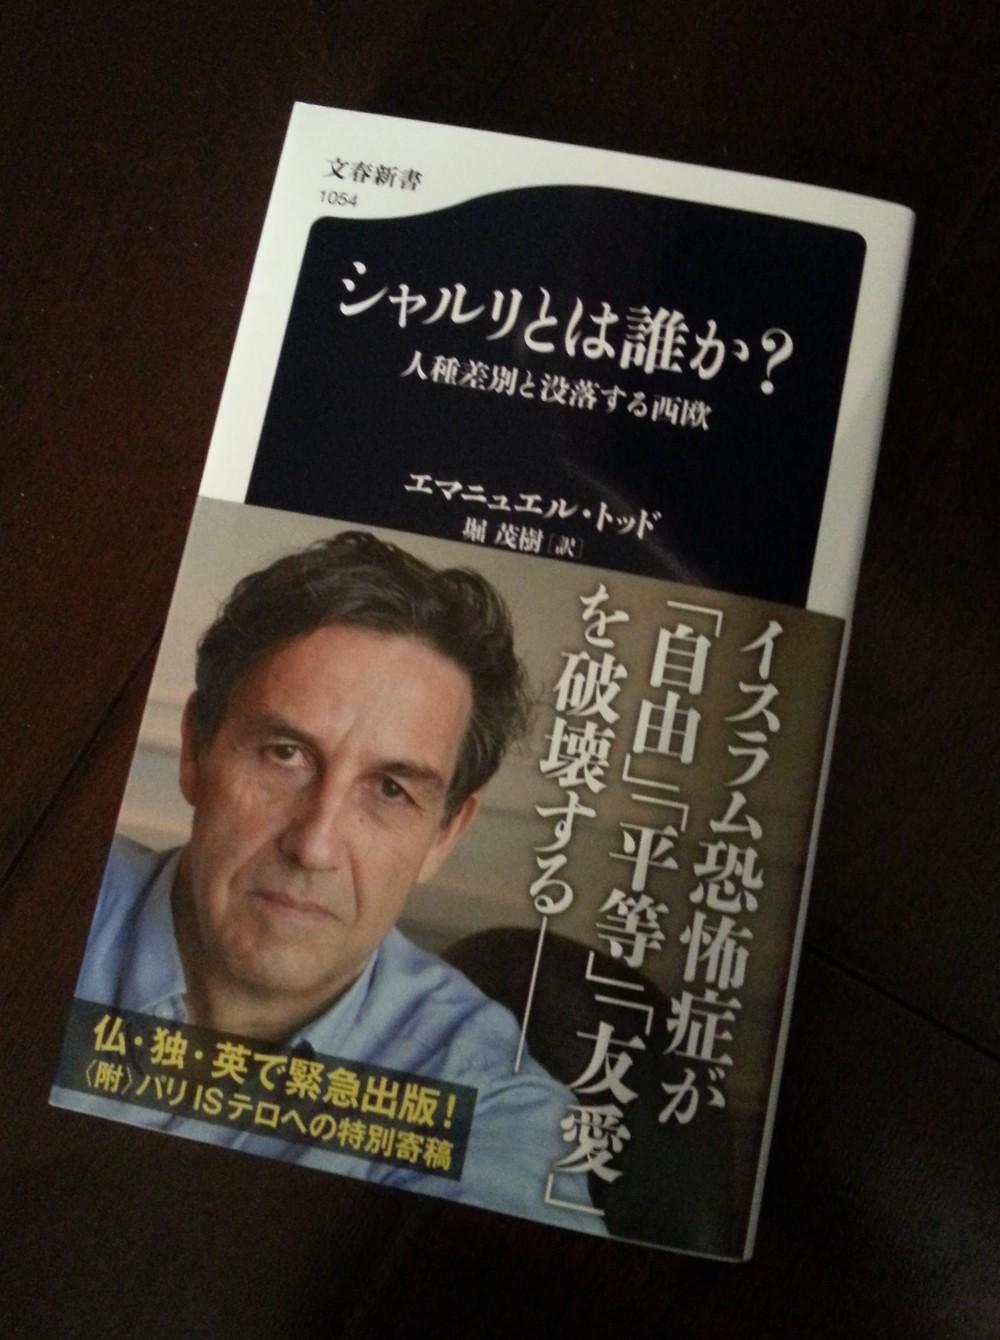 仏の学者エマニュエル・トッド、日本でも大人気 祖父は『アデンアラビア』のポール・ニザン